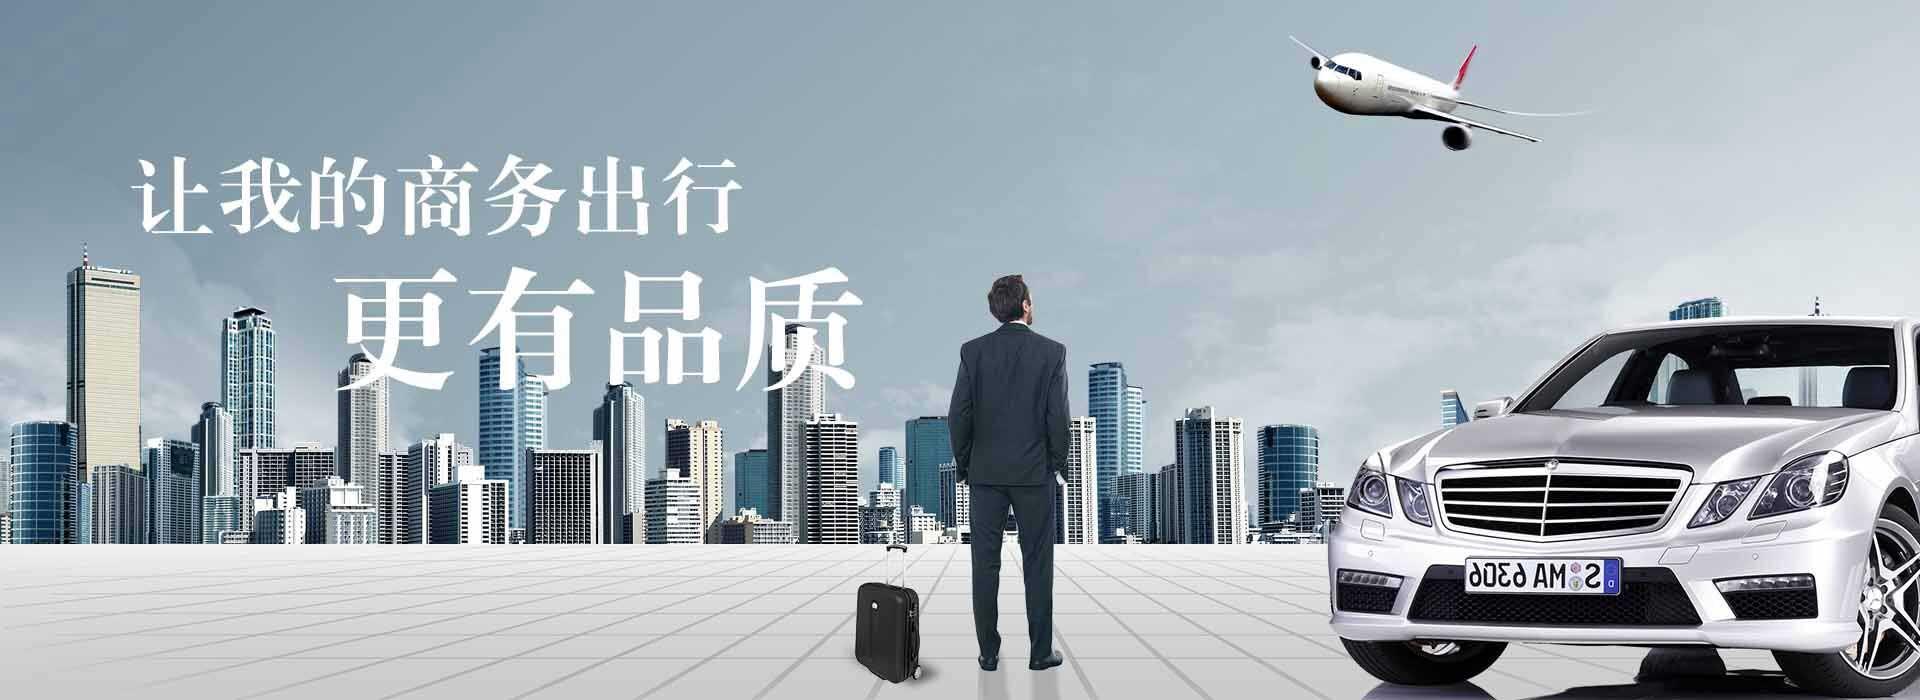 太原汽车租赁公司服务项目,商务租车、企业租车、会议租车、婚庆租车